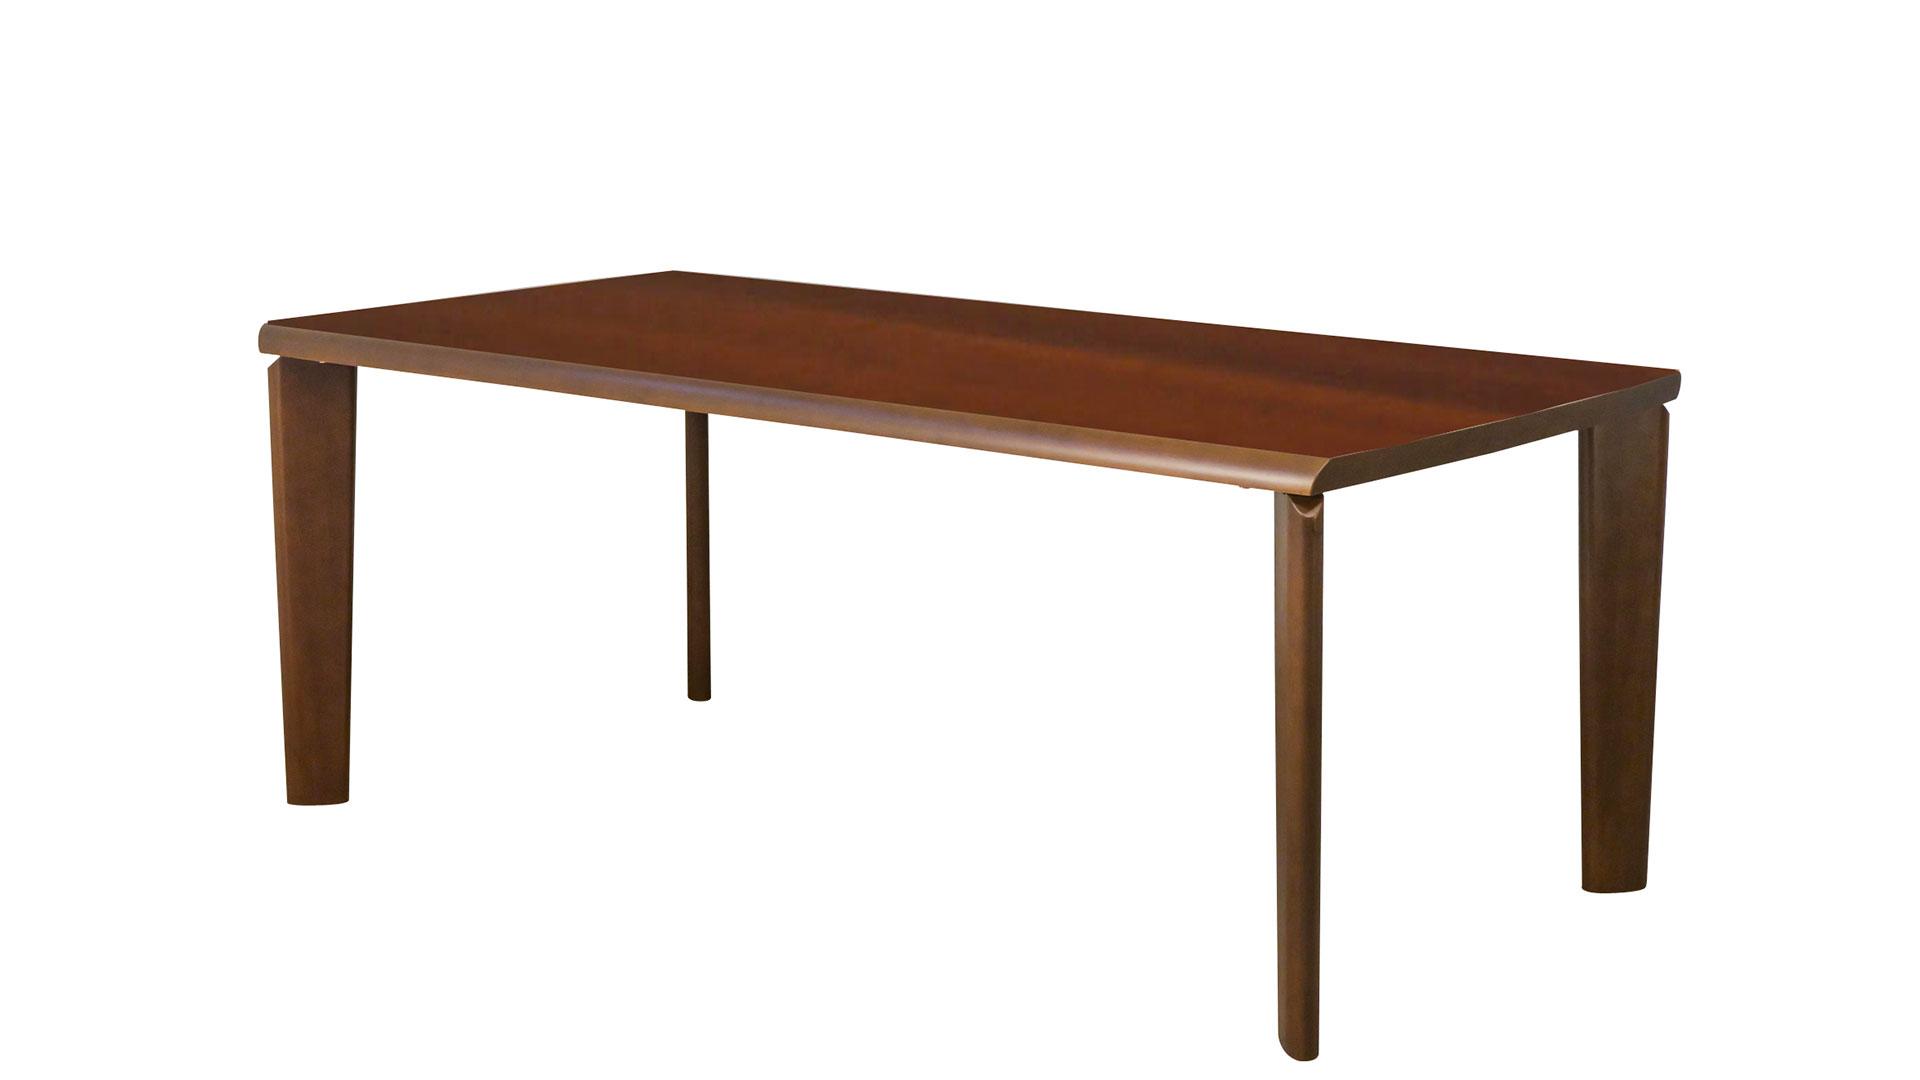 リビンズのダイニングセット「カルーネ」のテーブルの画像